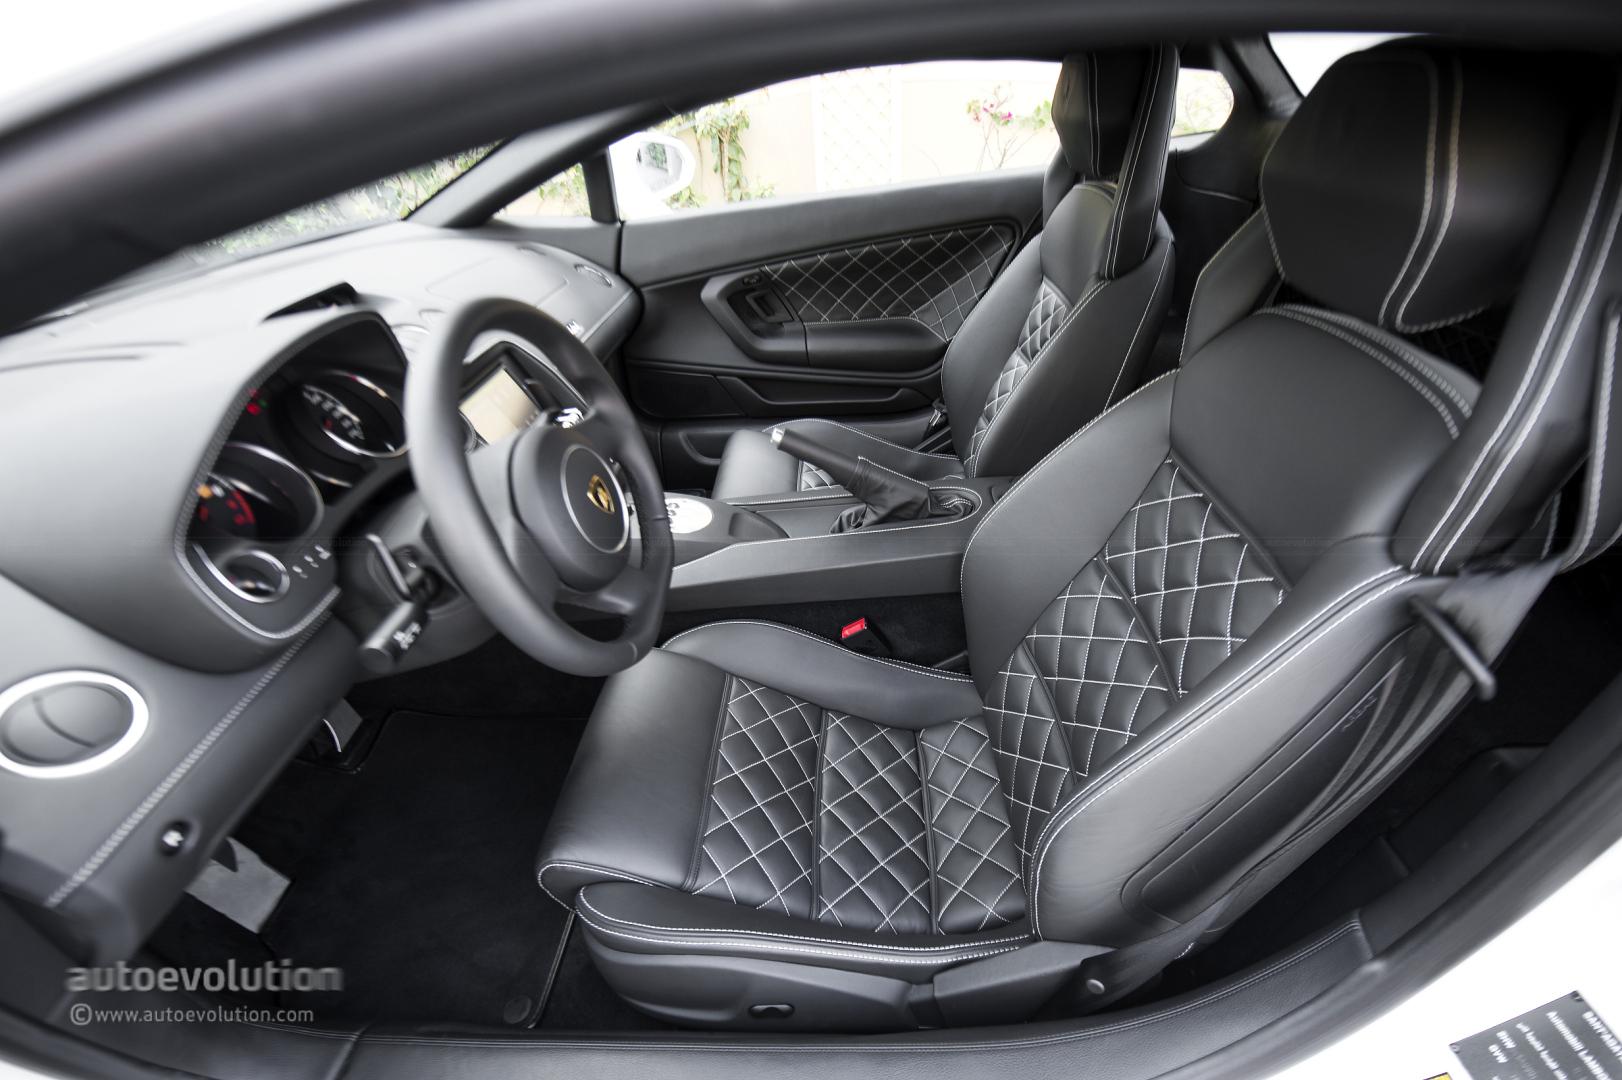 Lamborghini Gallardo Lp560 4 Review Page 3 Autoevolution